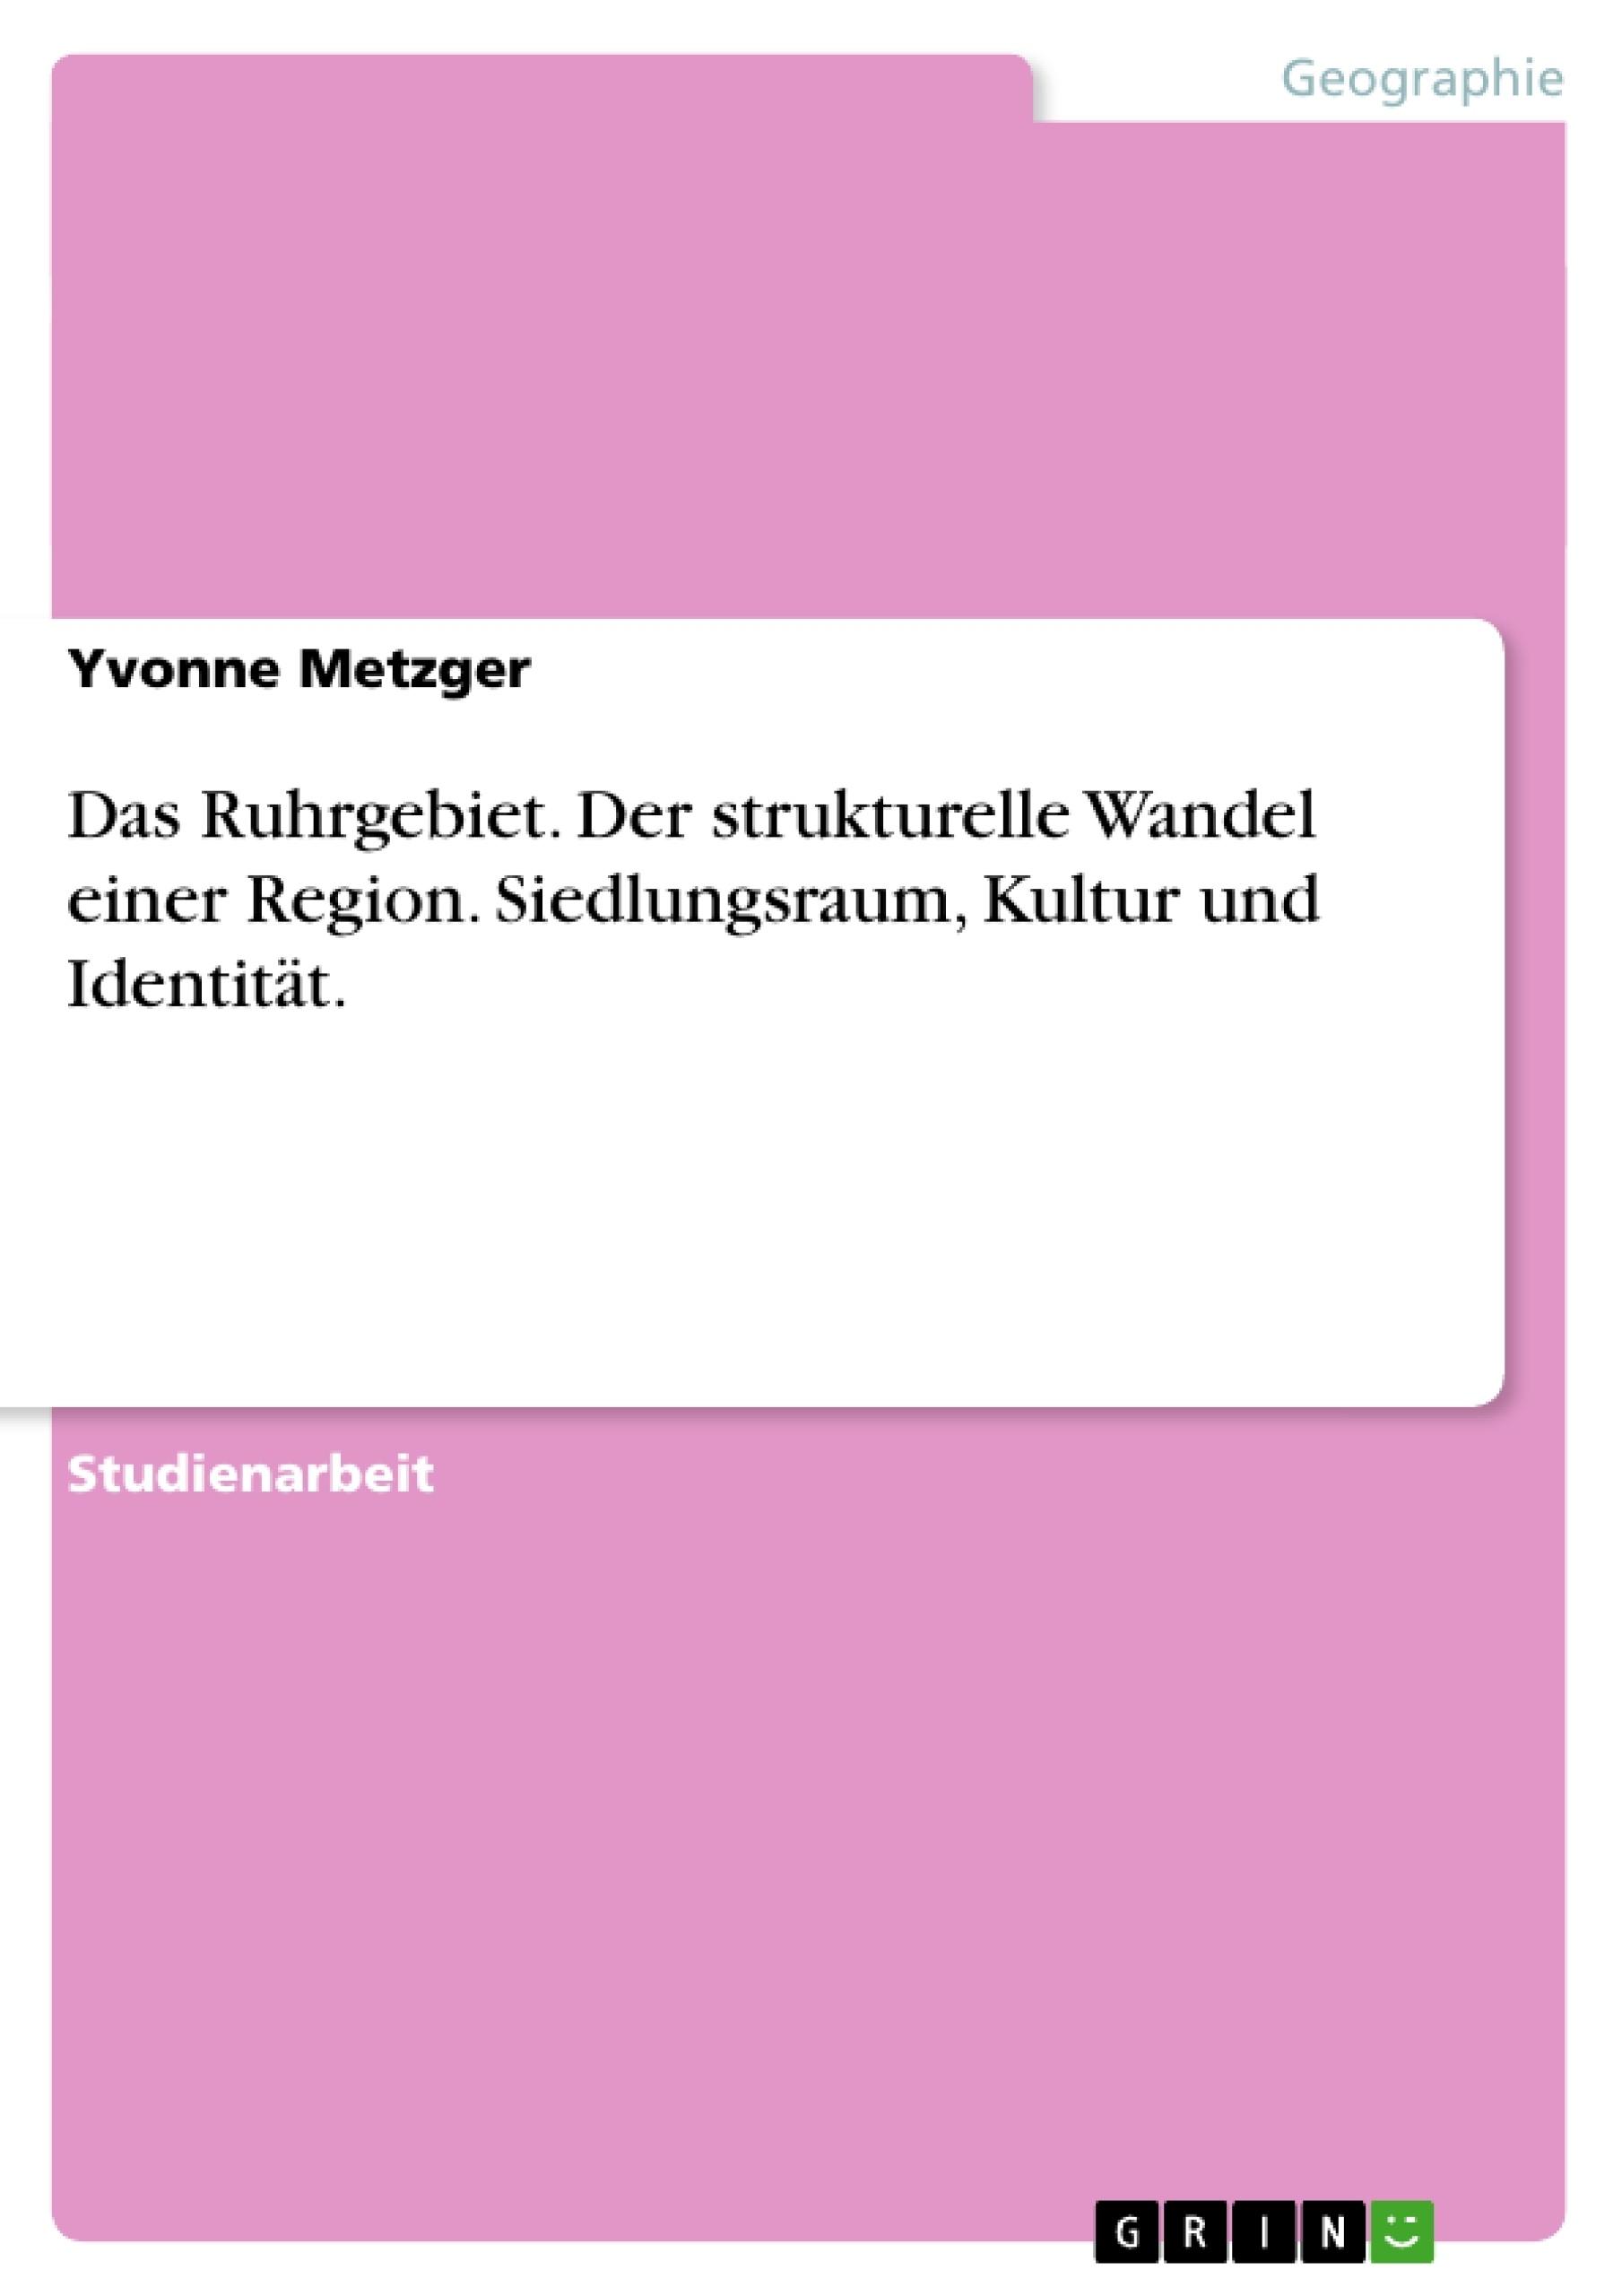 Titel: Das Ruhrgebiet. Der strukturelle Wandel einer Region. Siedlungsraum, Kultur und Identität.